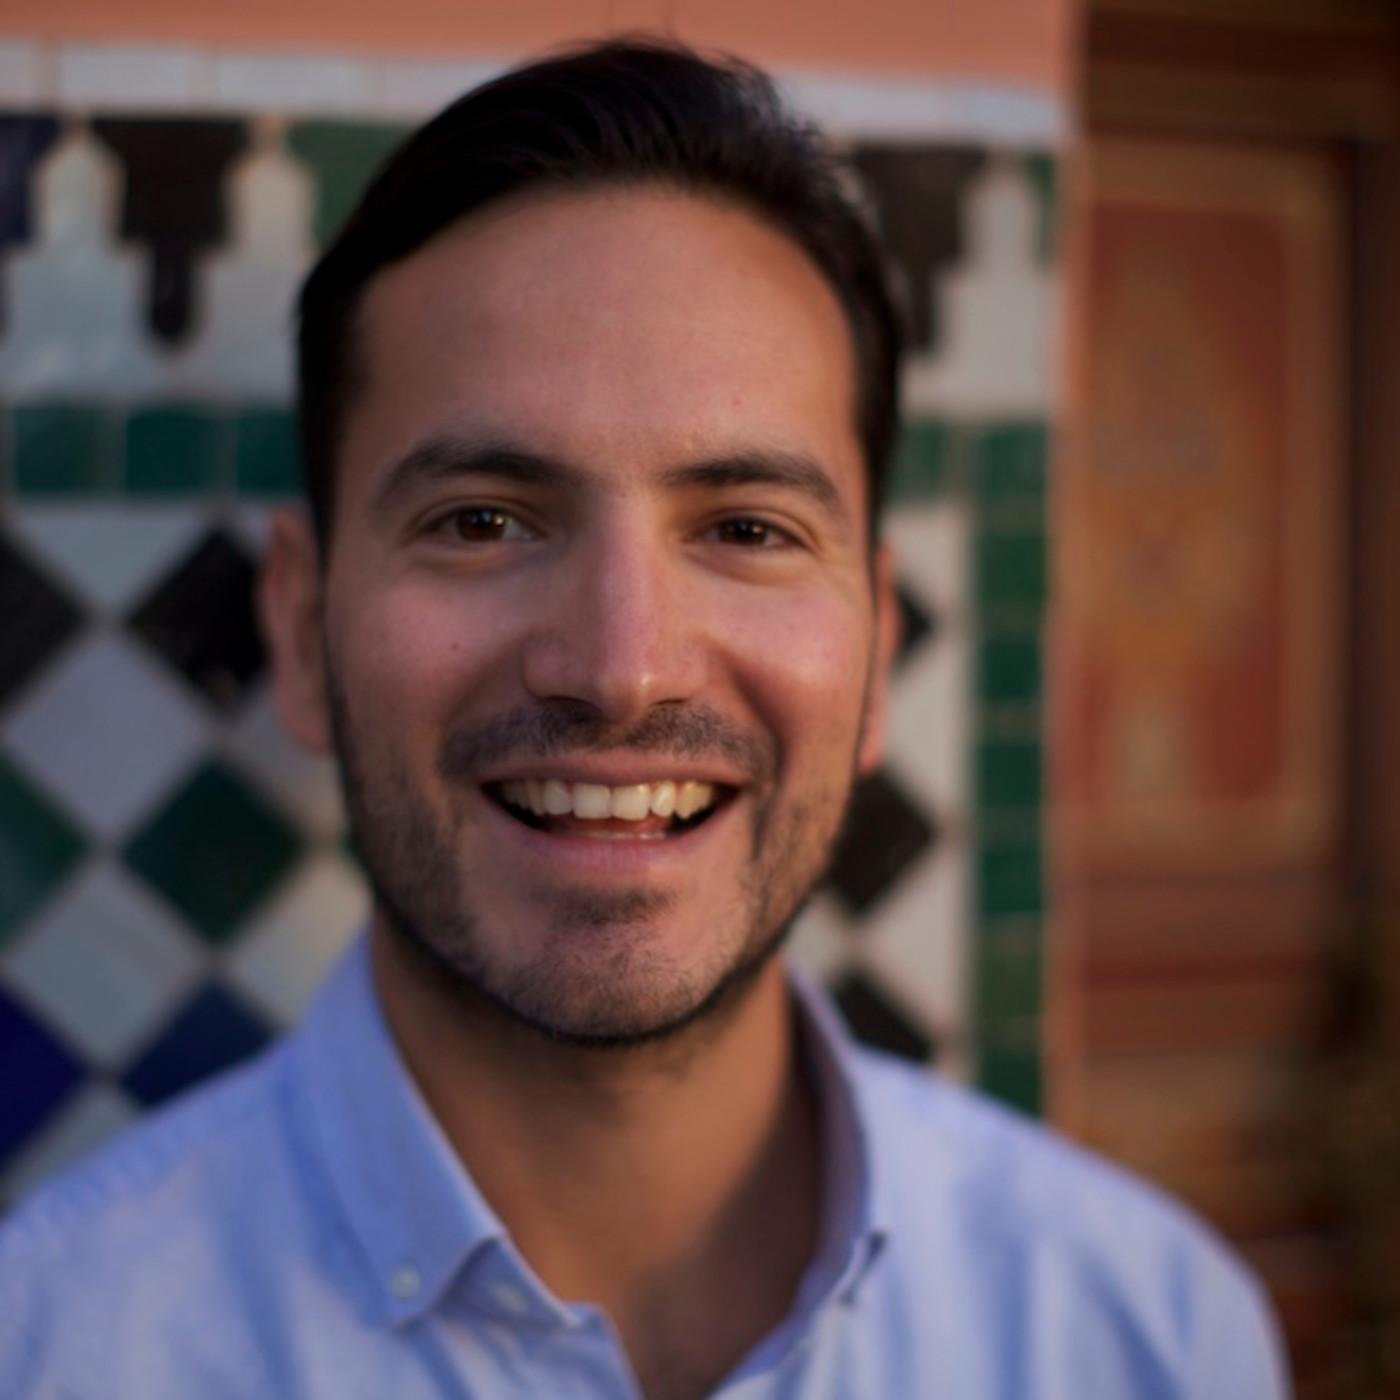 Entrevista a Alberto Pepe, co-fundador de authorea